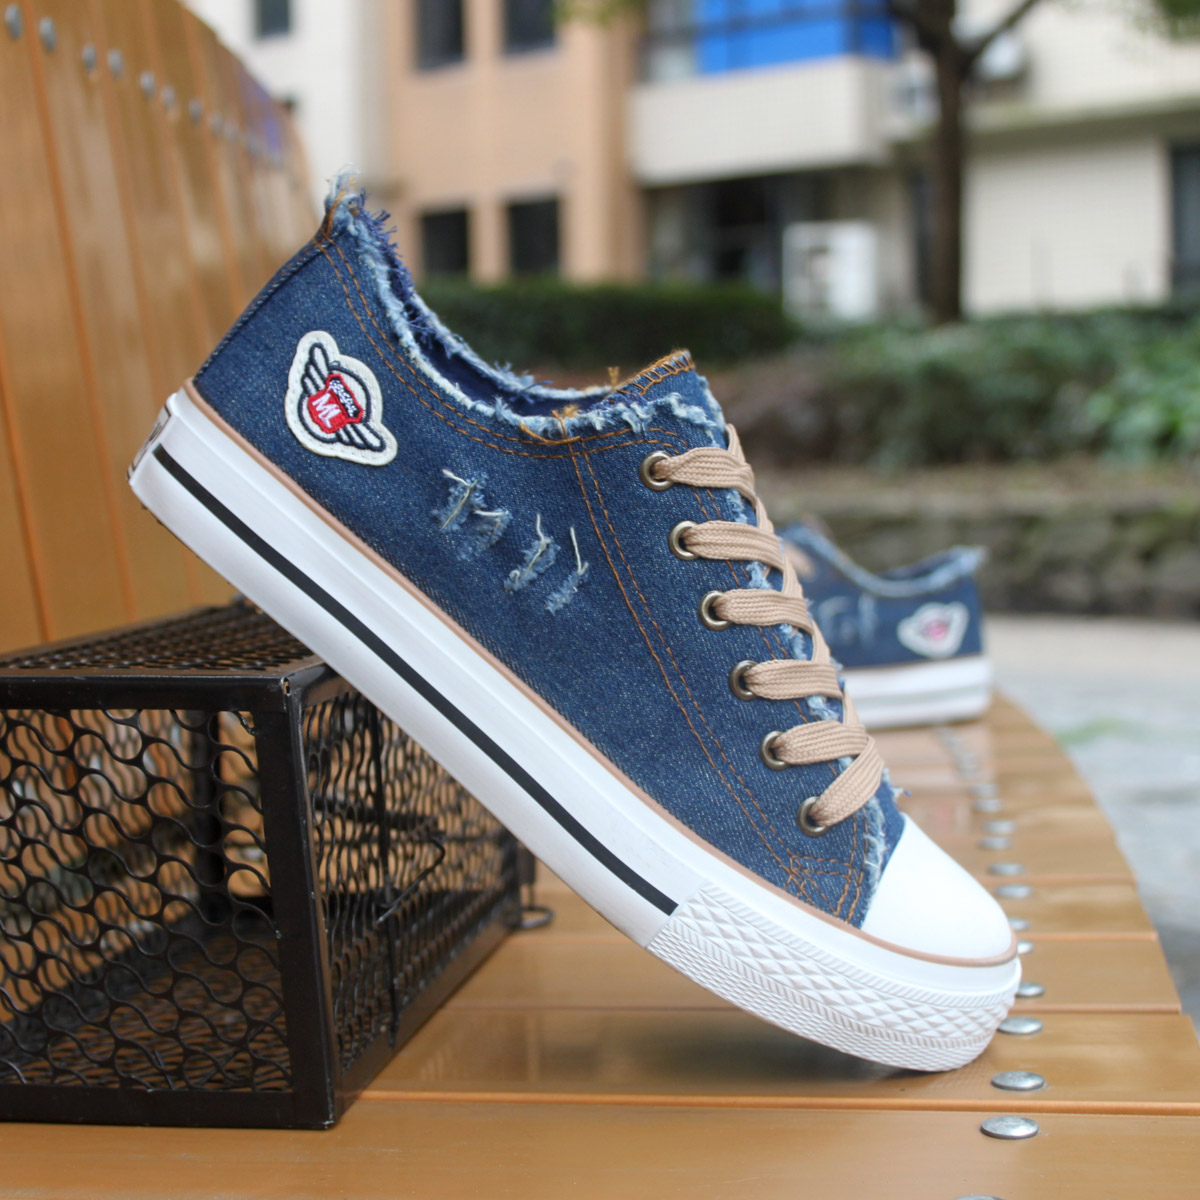 Холст обувь мужская обувь Мужская повседневная обувь Корейский прилива подростков студентов обувь плоские туфли обувь прилива